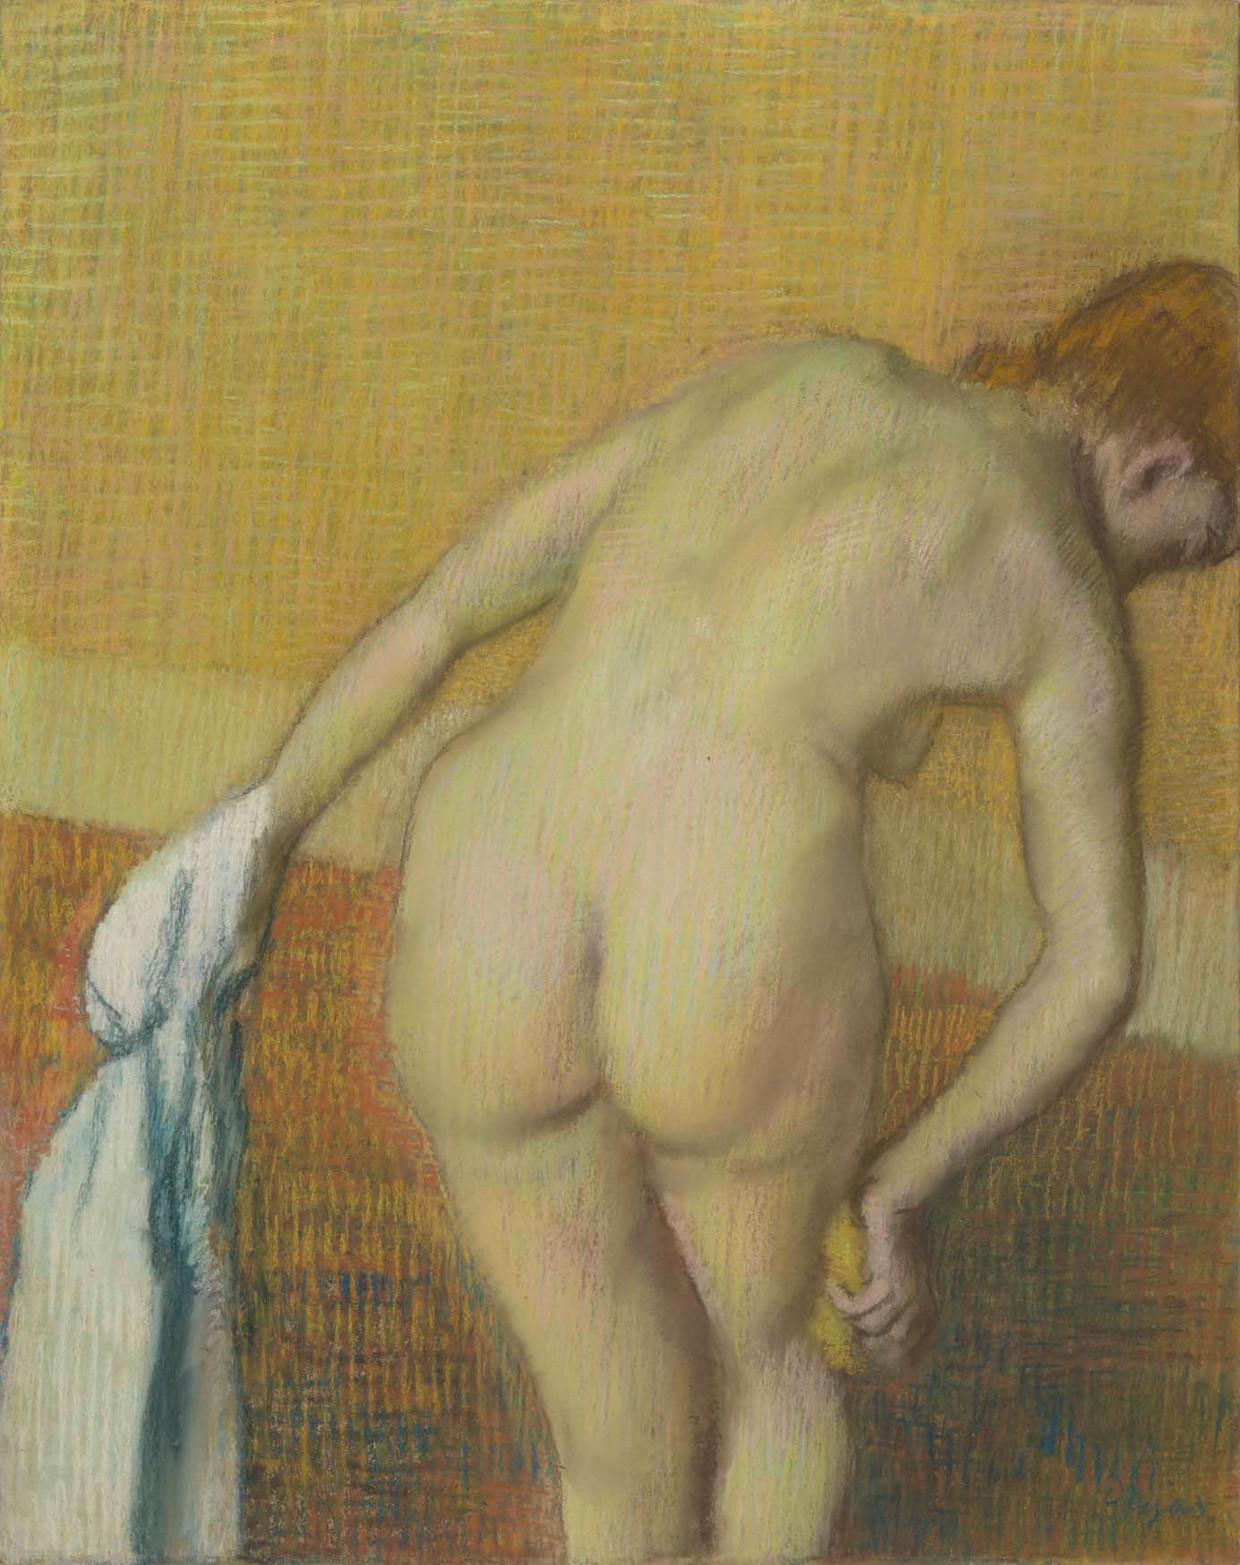 De Badende vrouw van Edgar Degas (1834-1917).